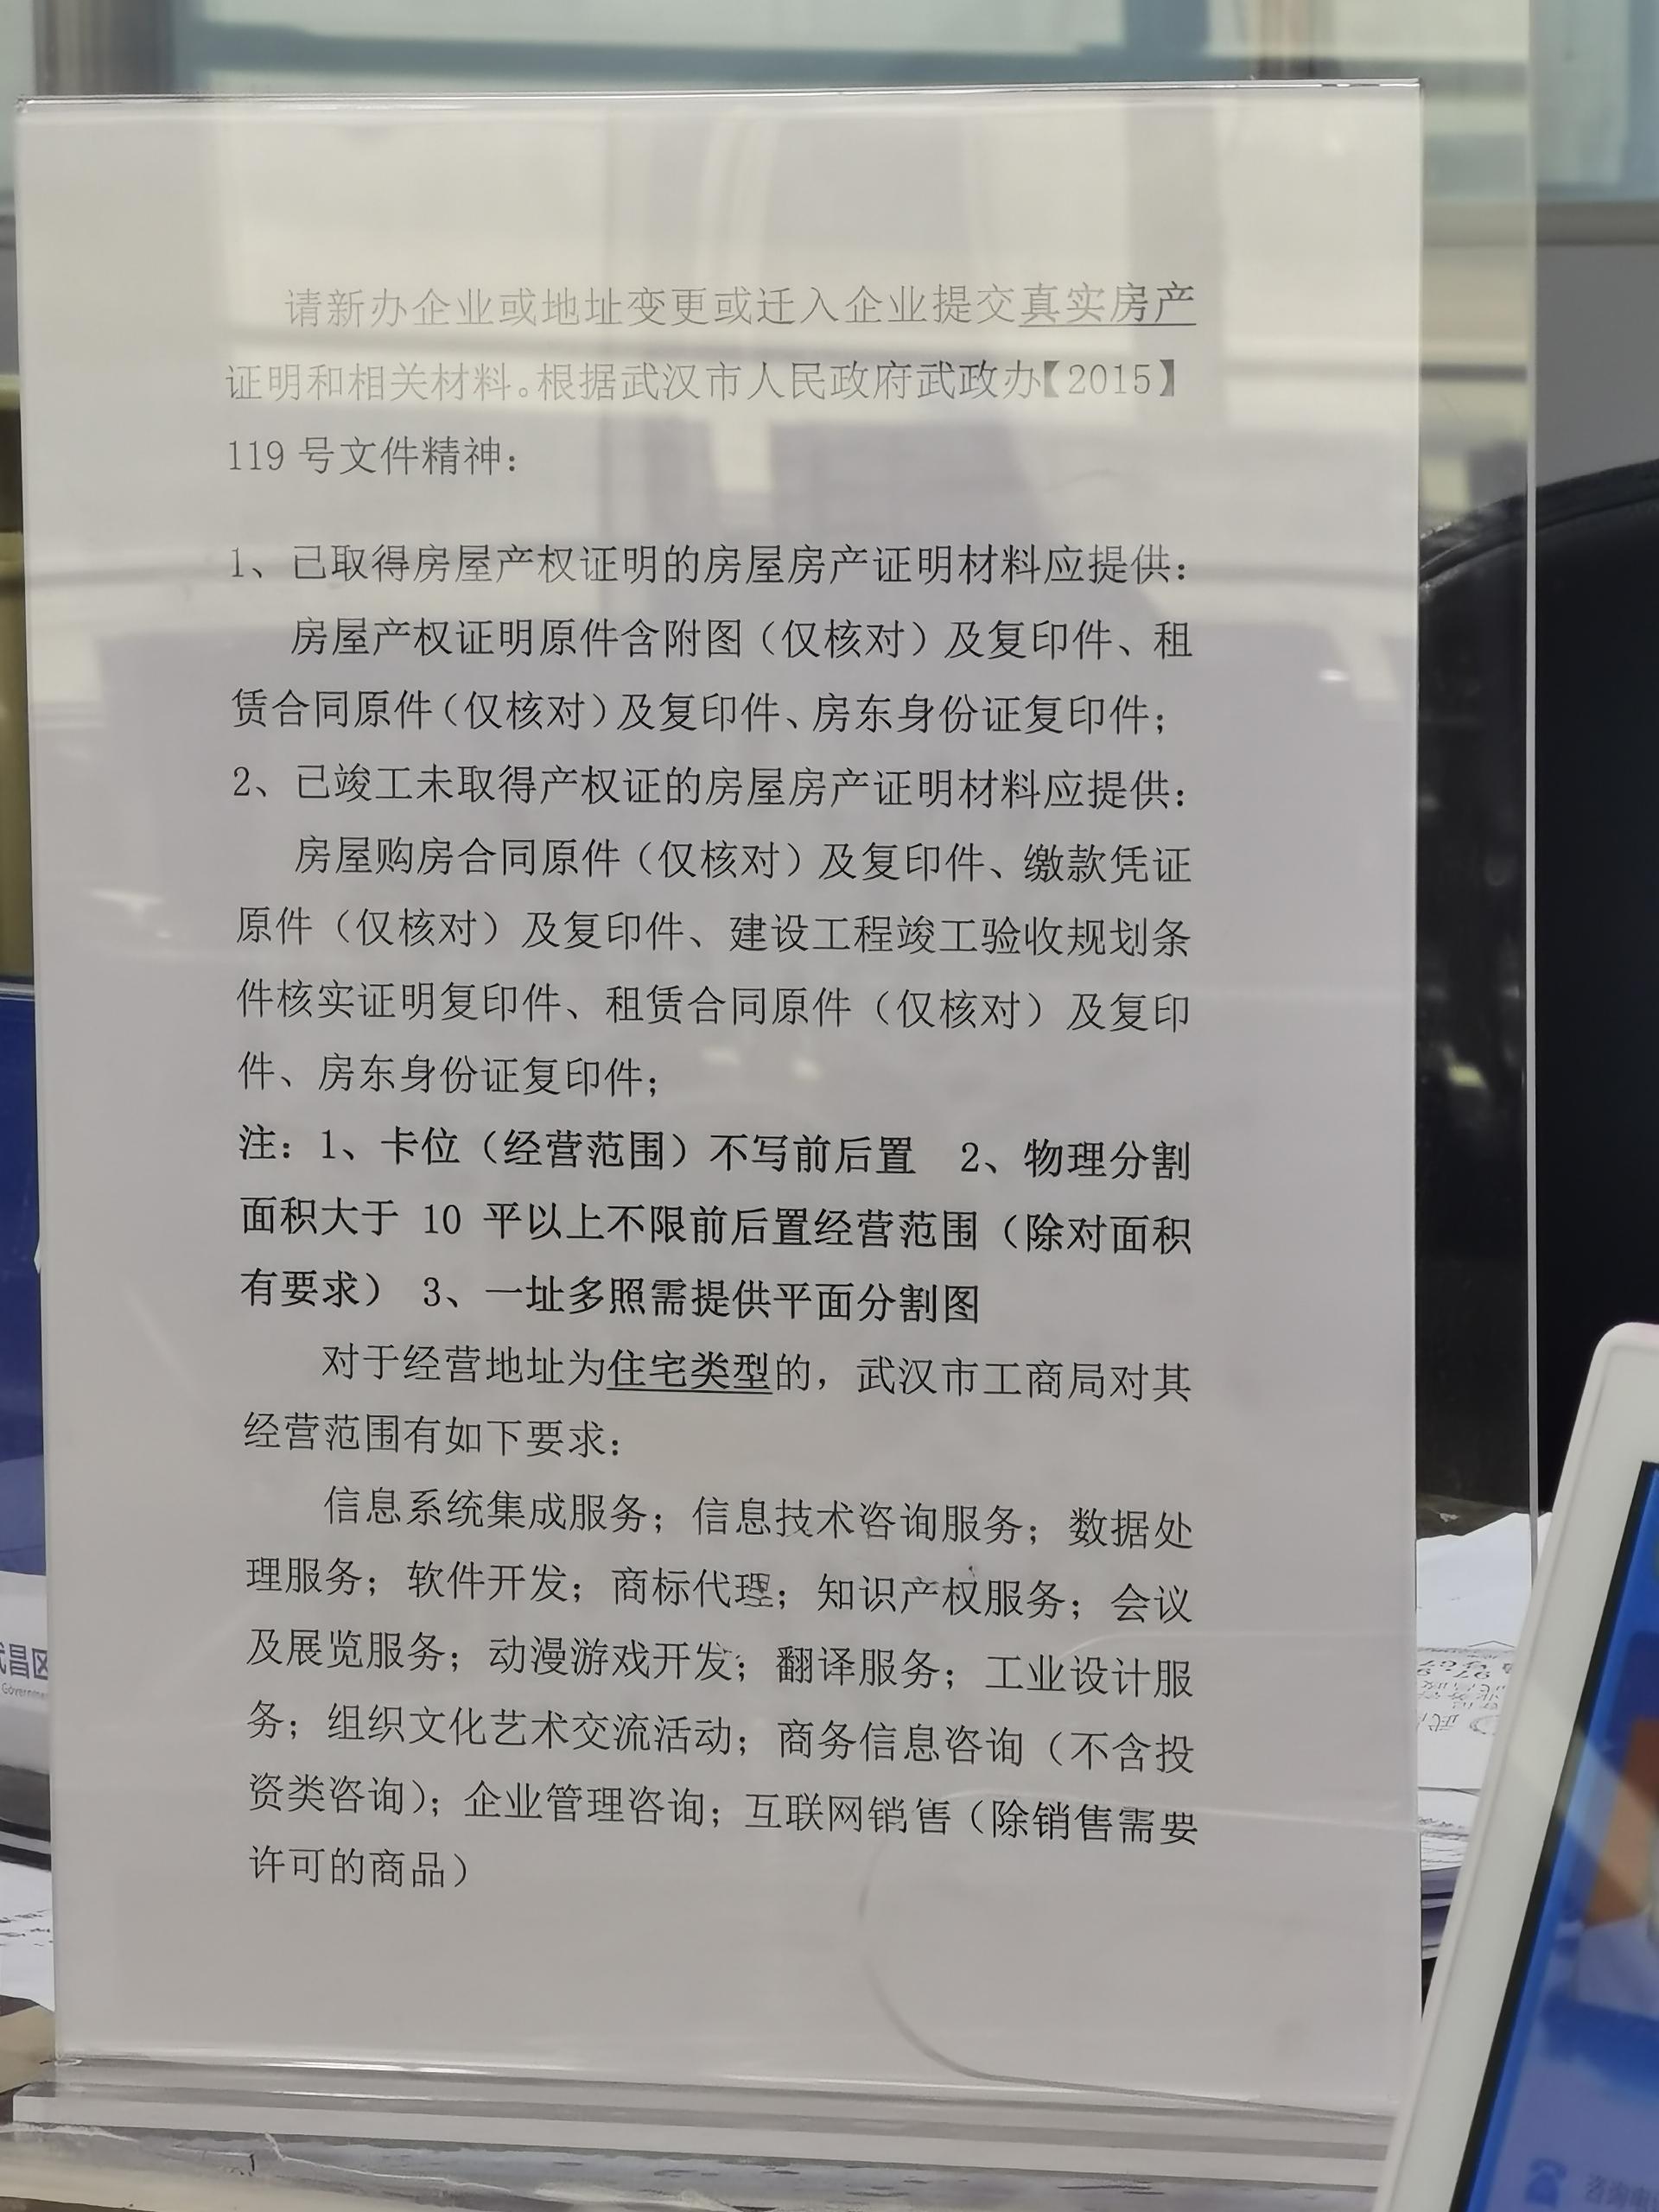 武昌区注册地址最新要求(更新于2020年12月14日)